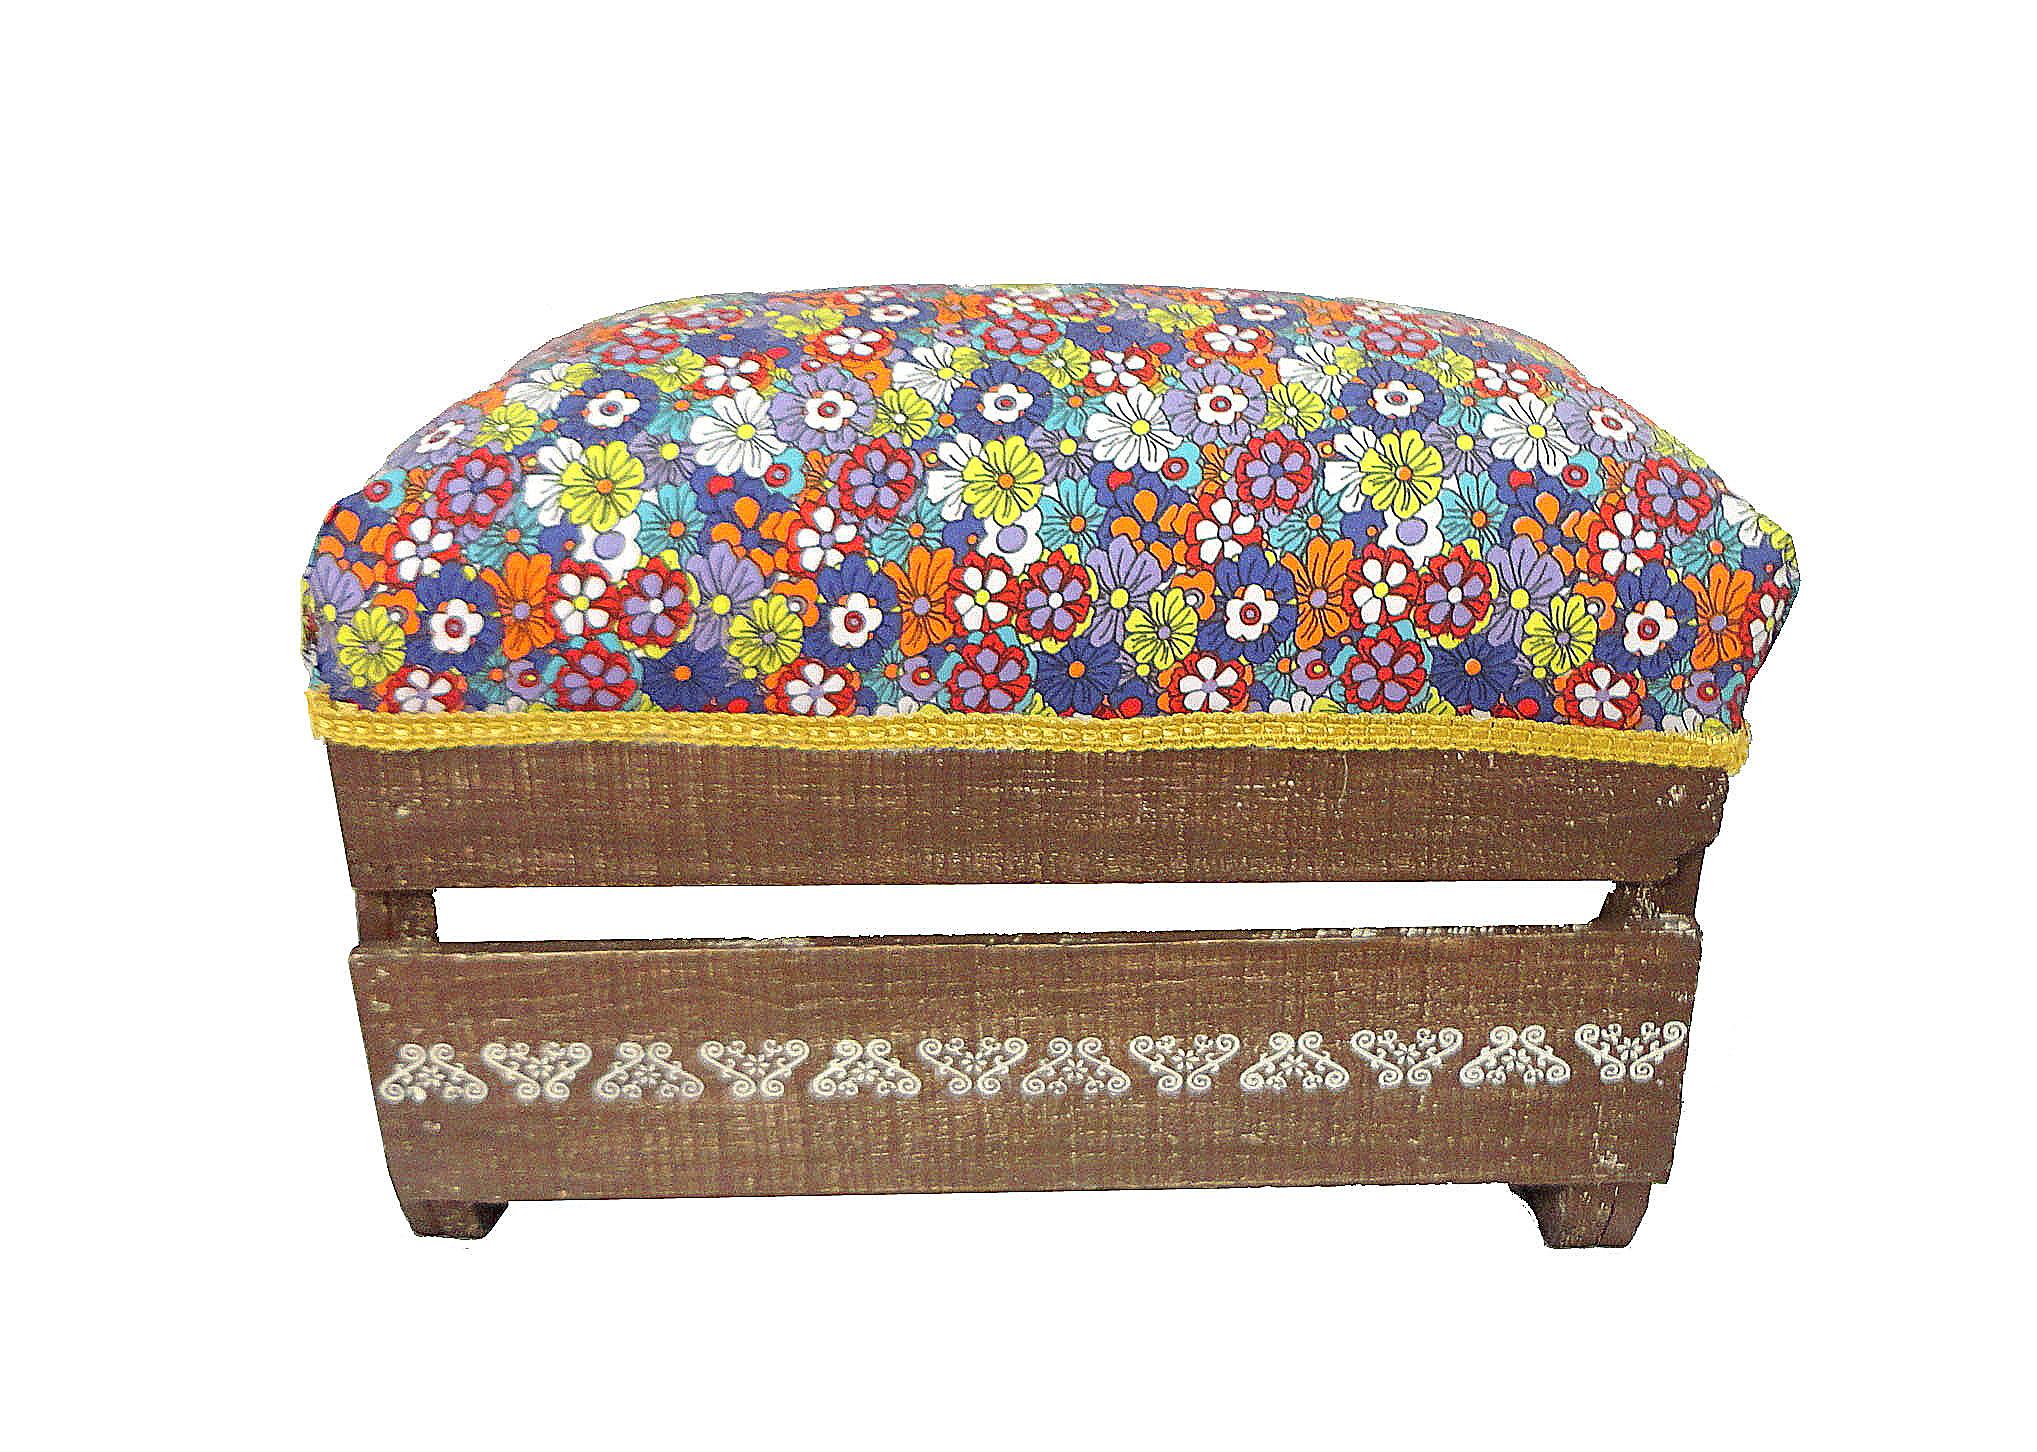 #AA6521 produtos pufes tags caixotes caixotes decorados caixotes na decoracao  2037x1452 px caixotes de madeira como reciclar @ bernauer.info Móveis Antigos Novos E Usados Online